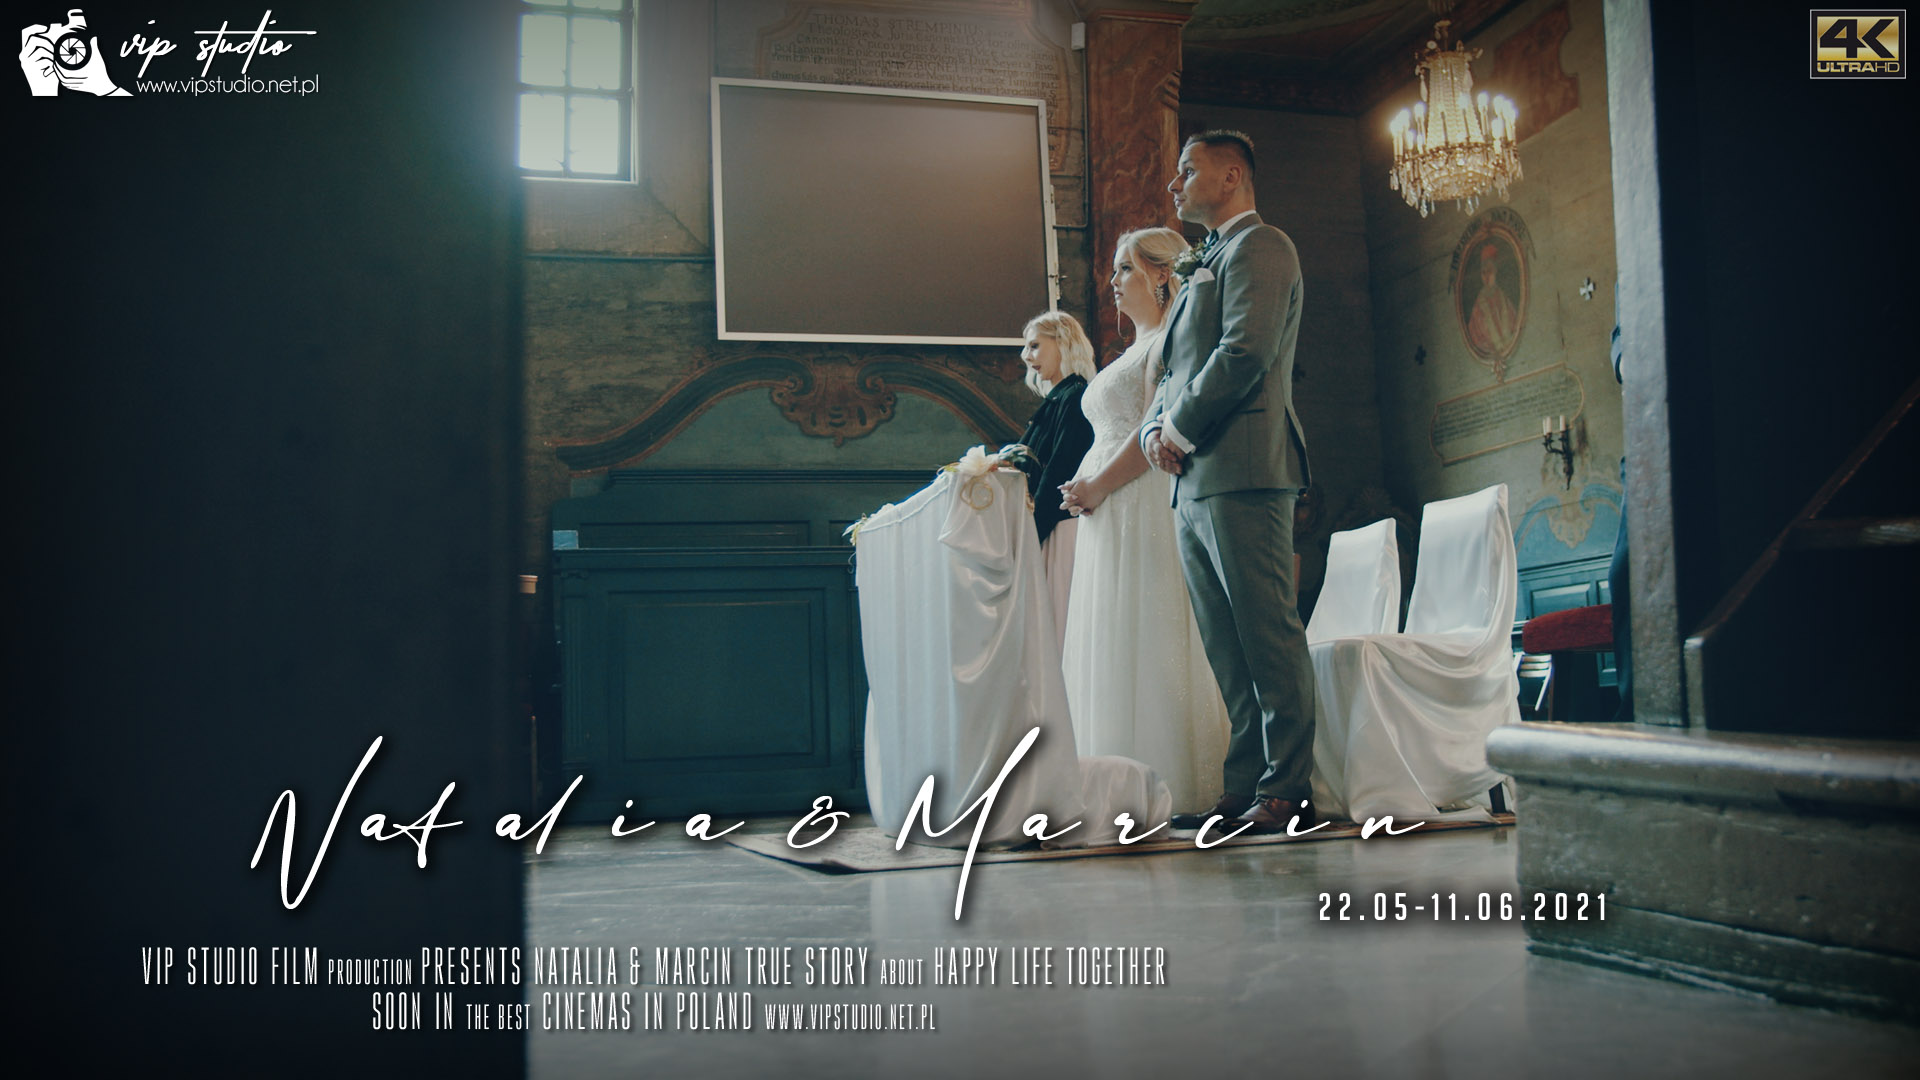 PAMIĄTKA ŚLUBU – Natalia & Marcin – 25.05/11.06.2021